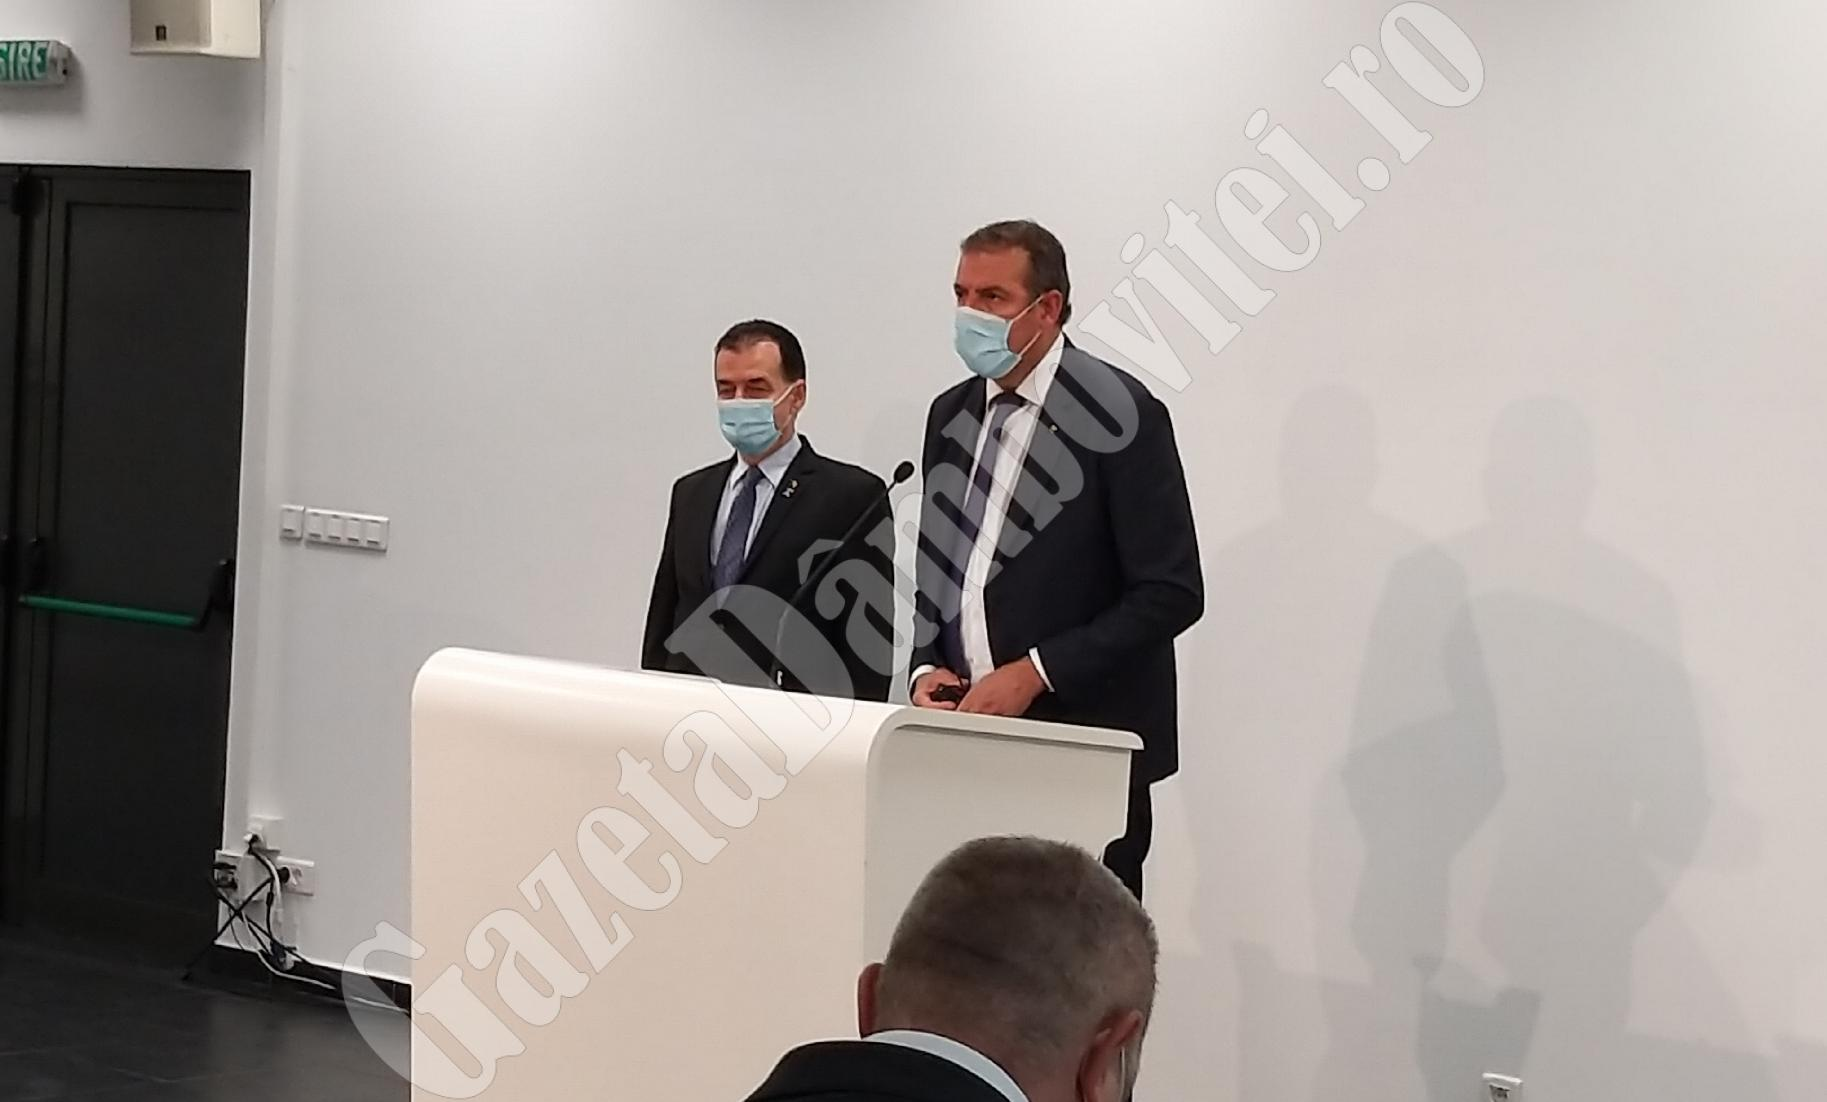 Orban a anunțat, la Titu, deblocarea proiectului lărgirii la 4 benzi a tronsonului Bâldana – Titu